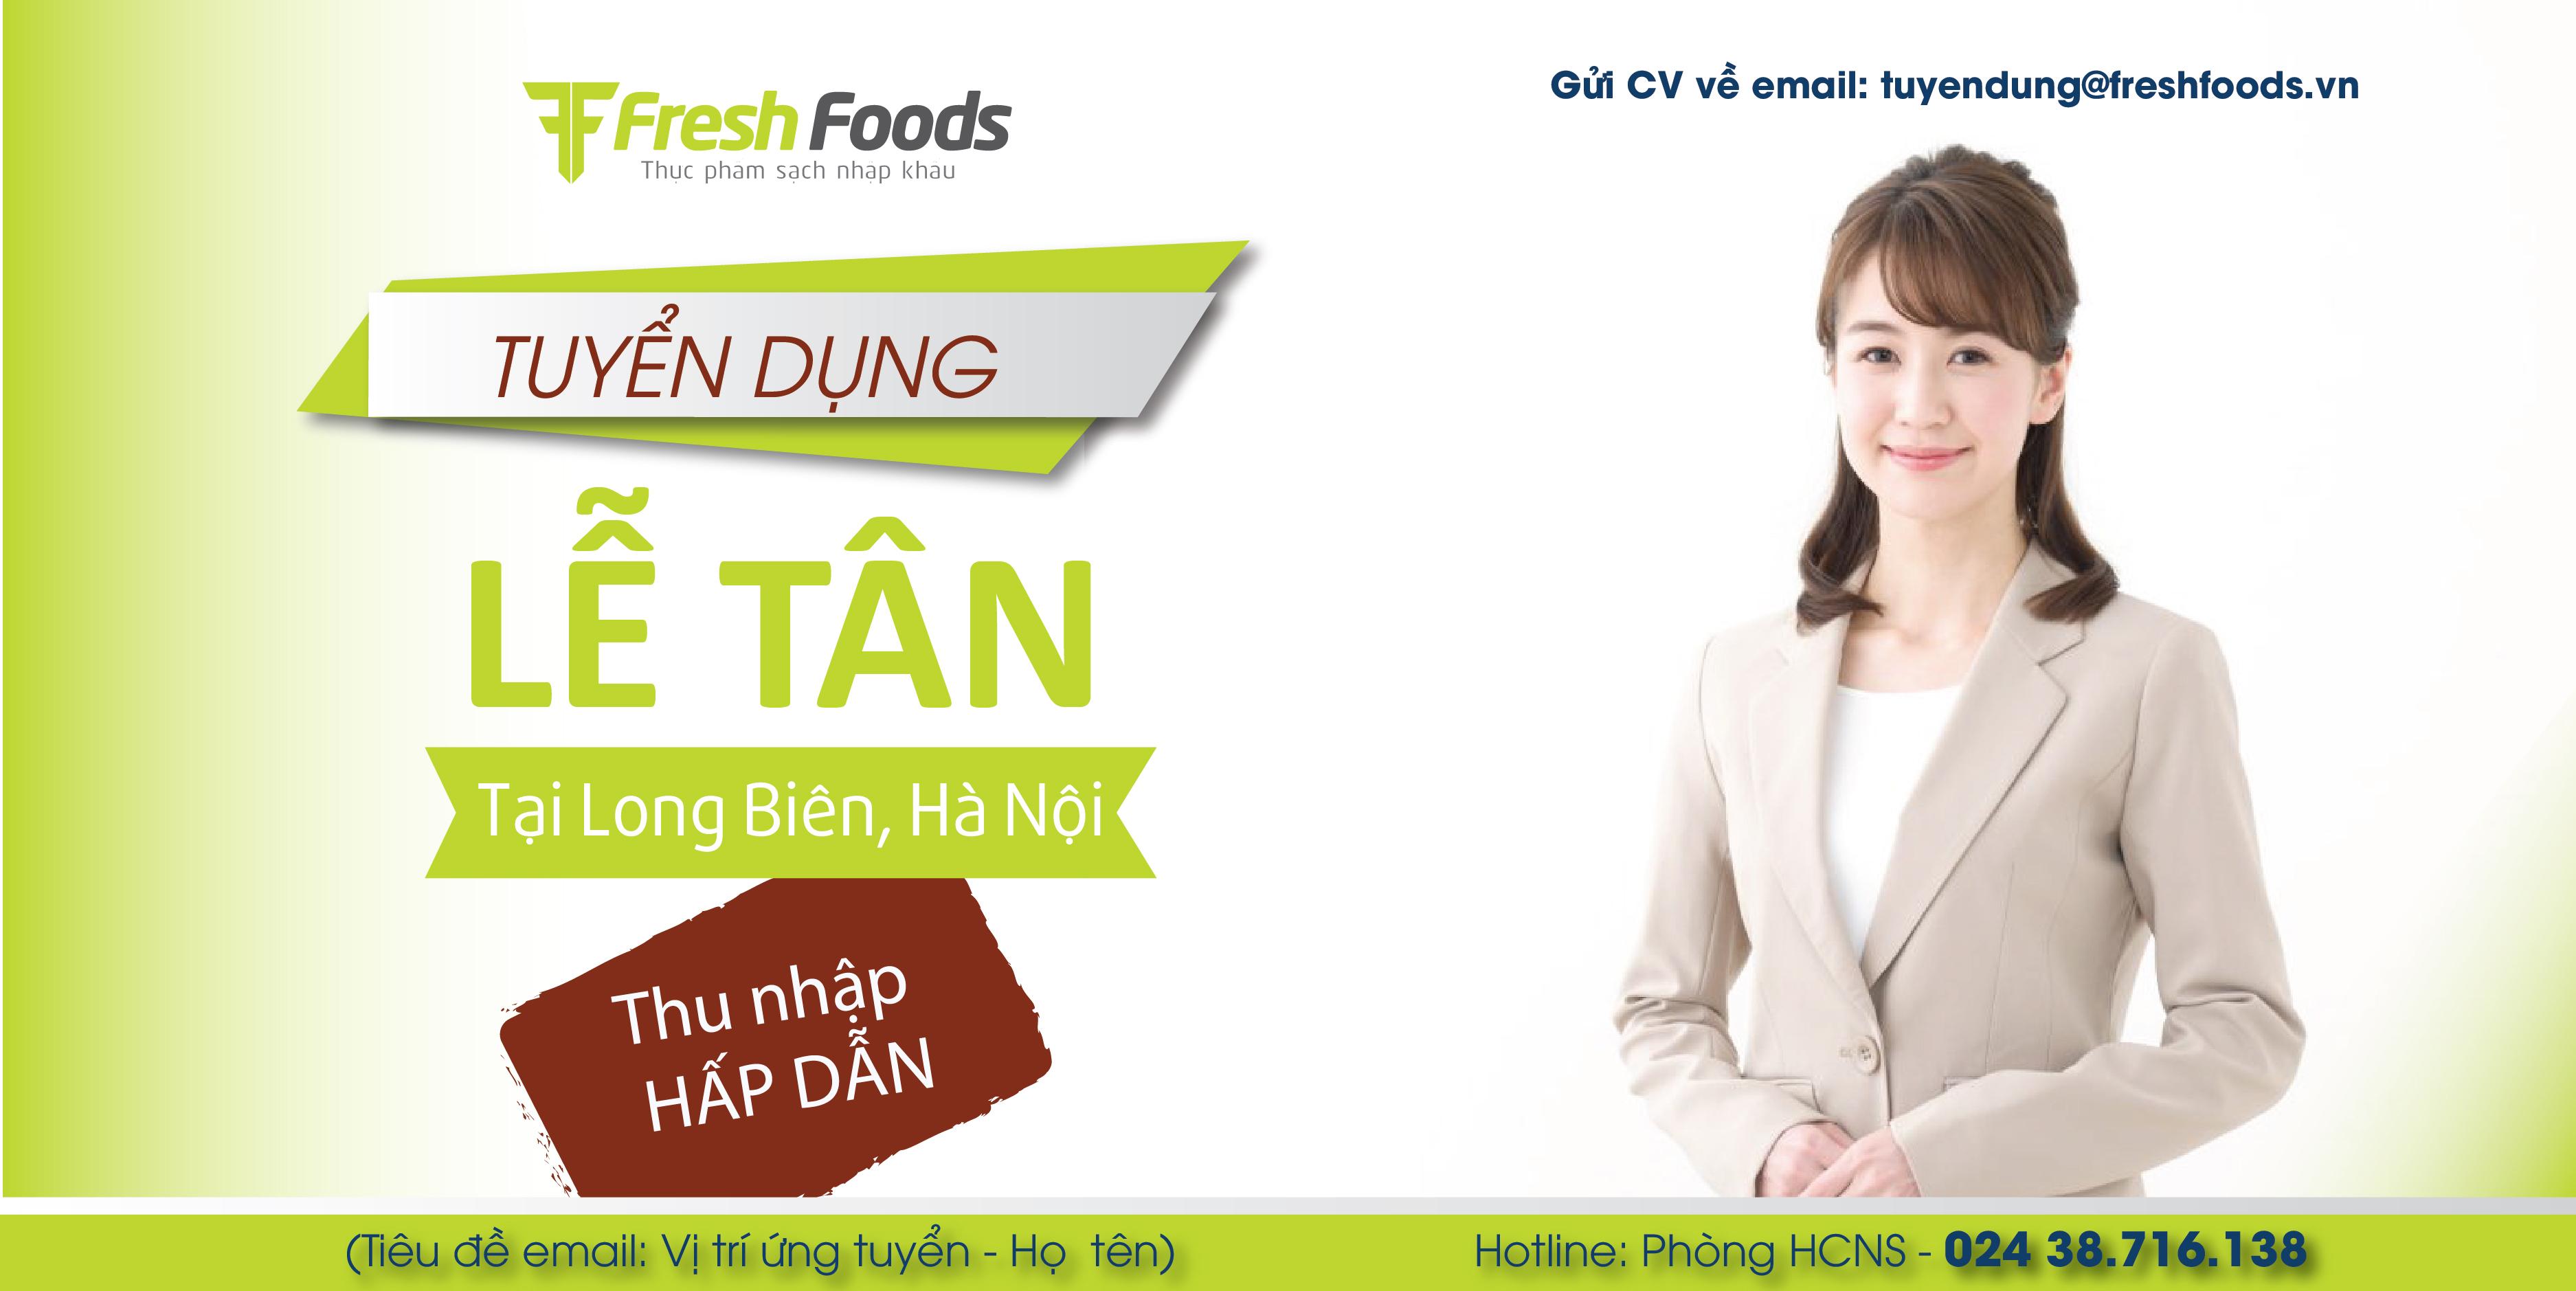 Hà Nội - Long Biên: Nhân viên lễ tân kiêm bán hàng